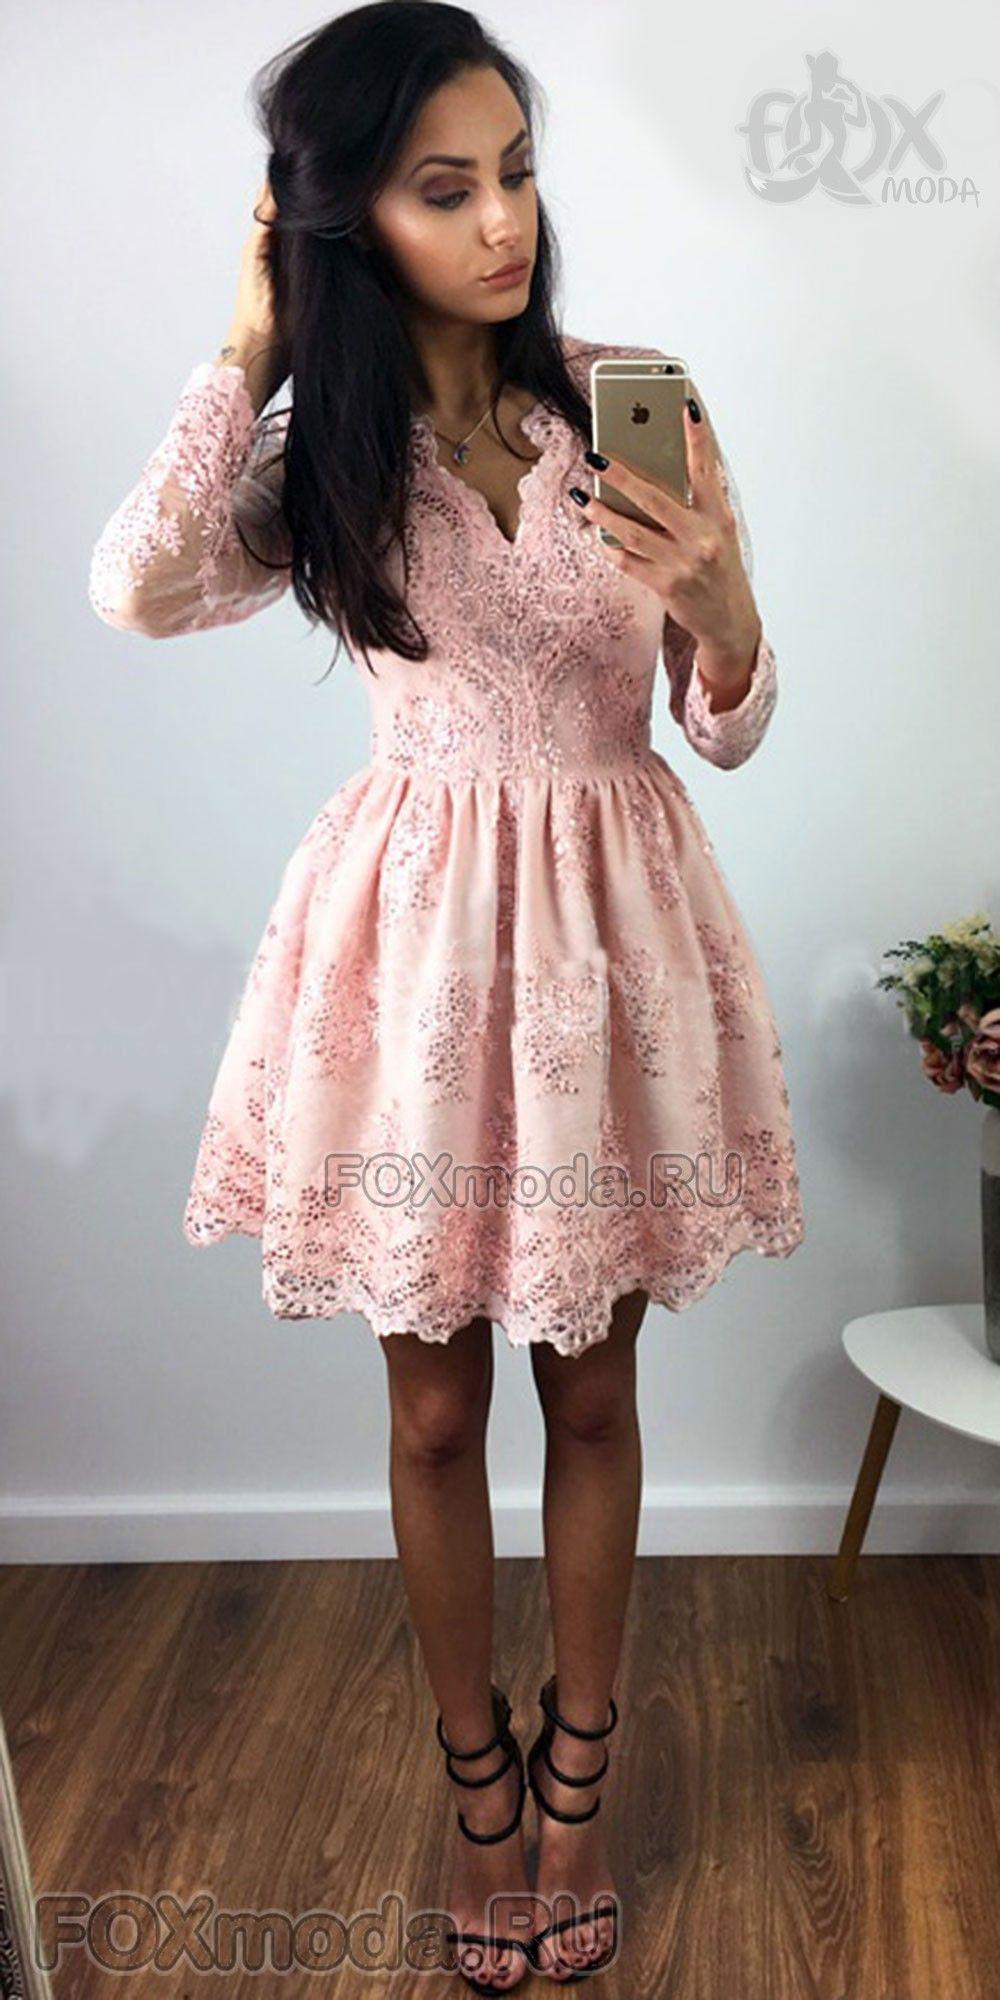 Коктейльное платье с рукавом крупное кружево EMO #foxmoda ...